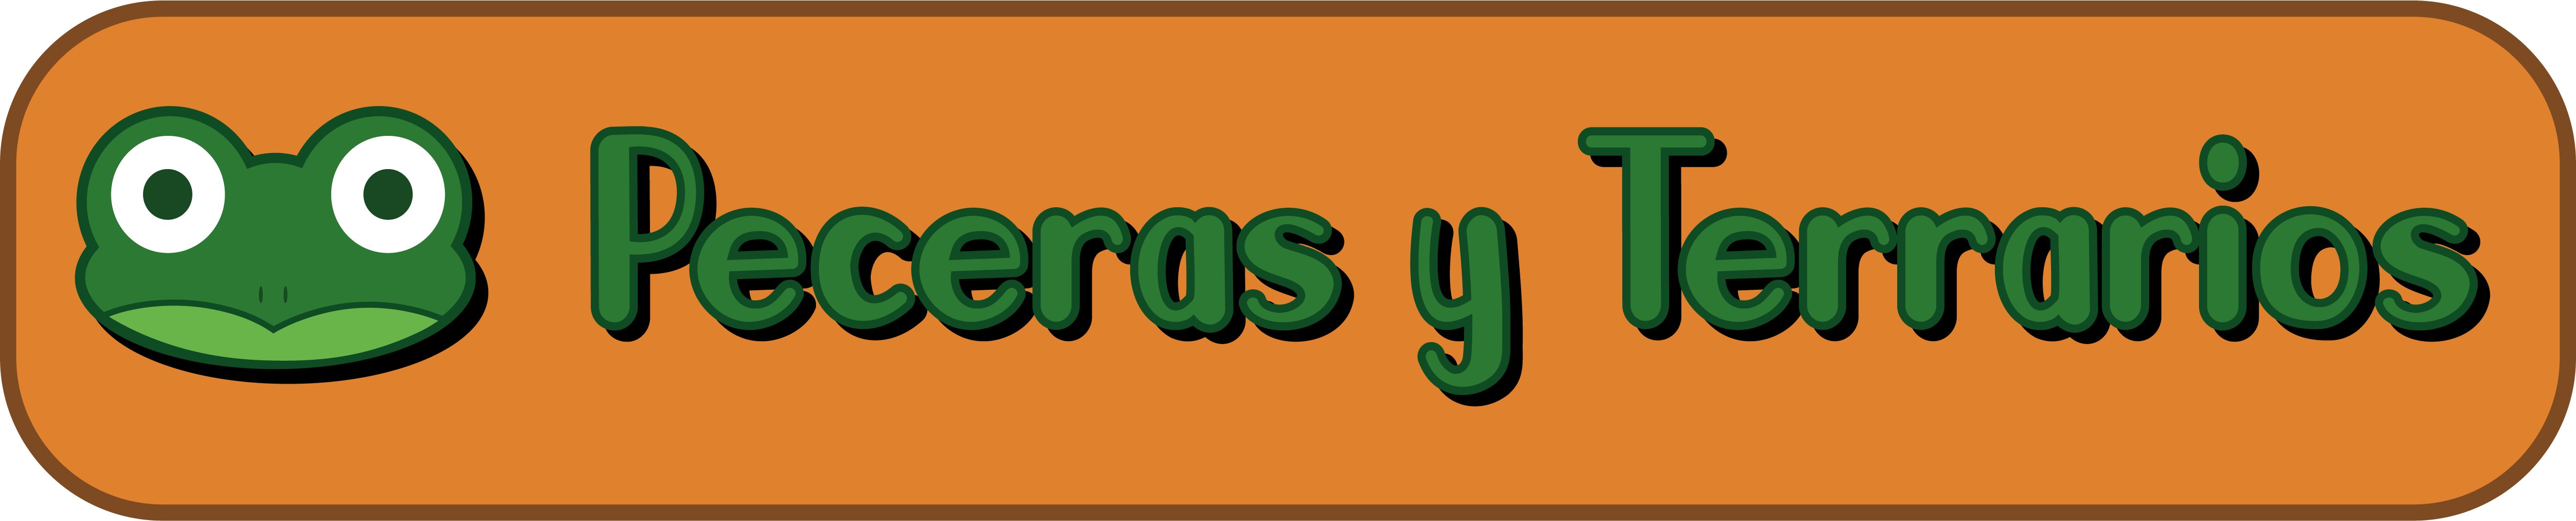 Peceras y Terrarios